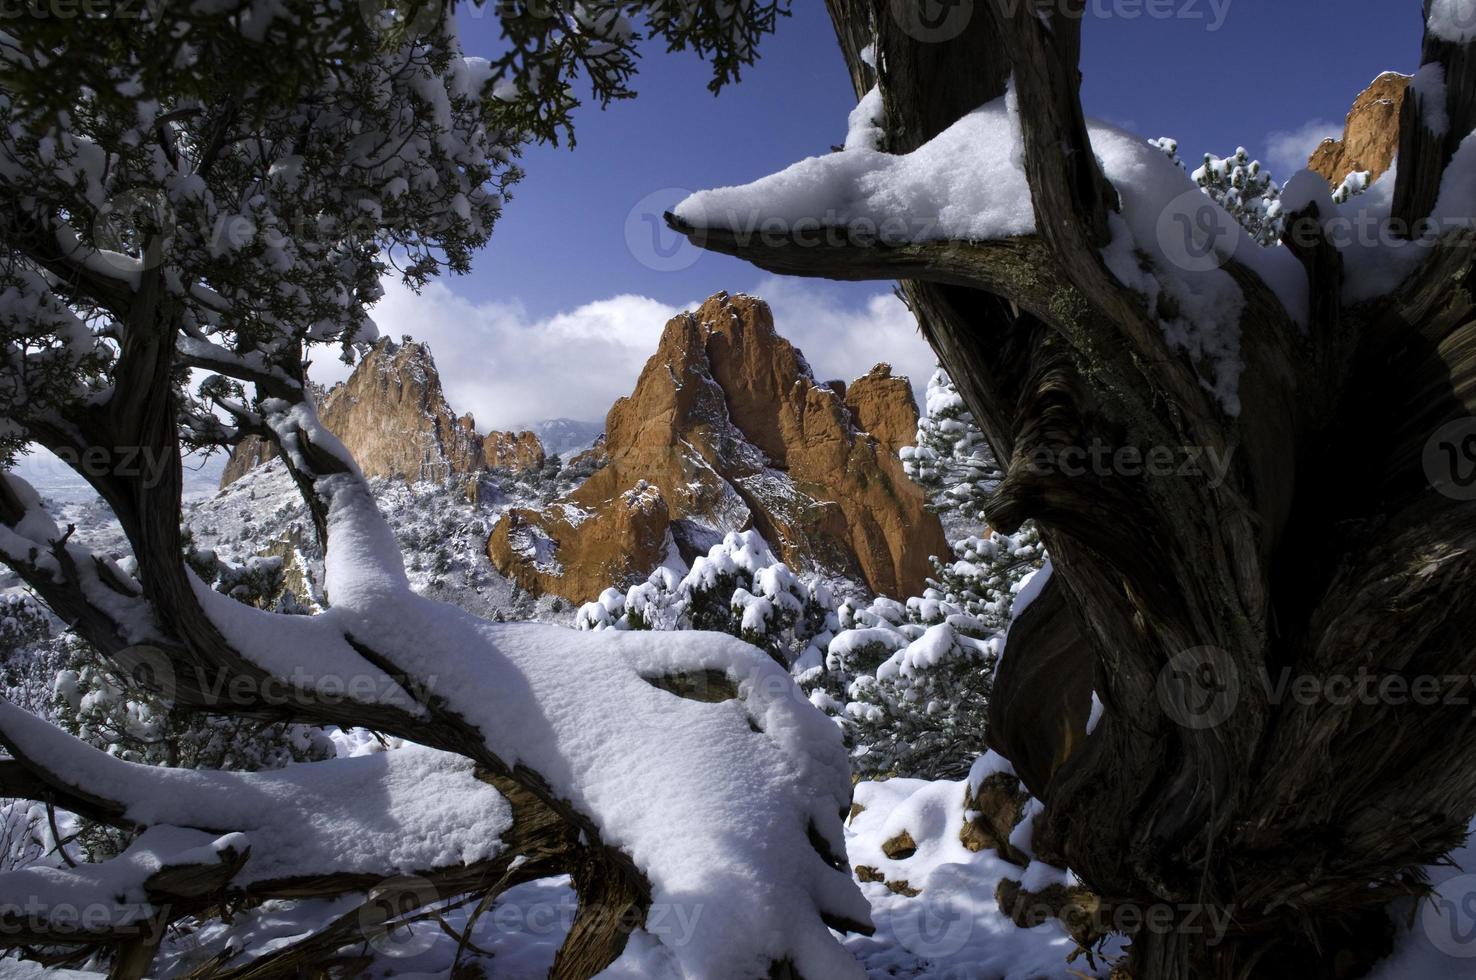 jardin de neige fraîche encadrée par des genévriers photo